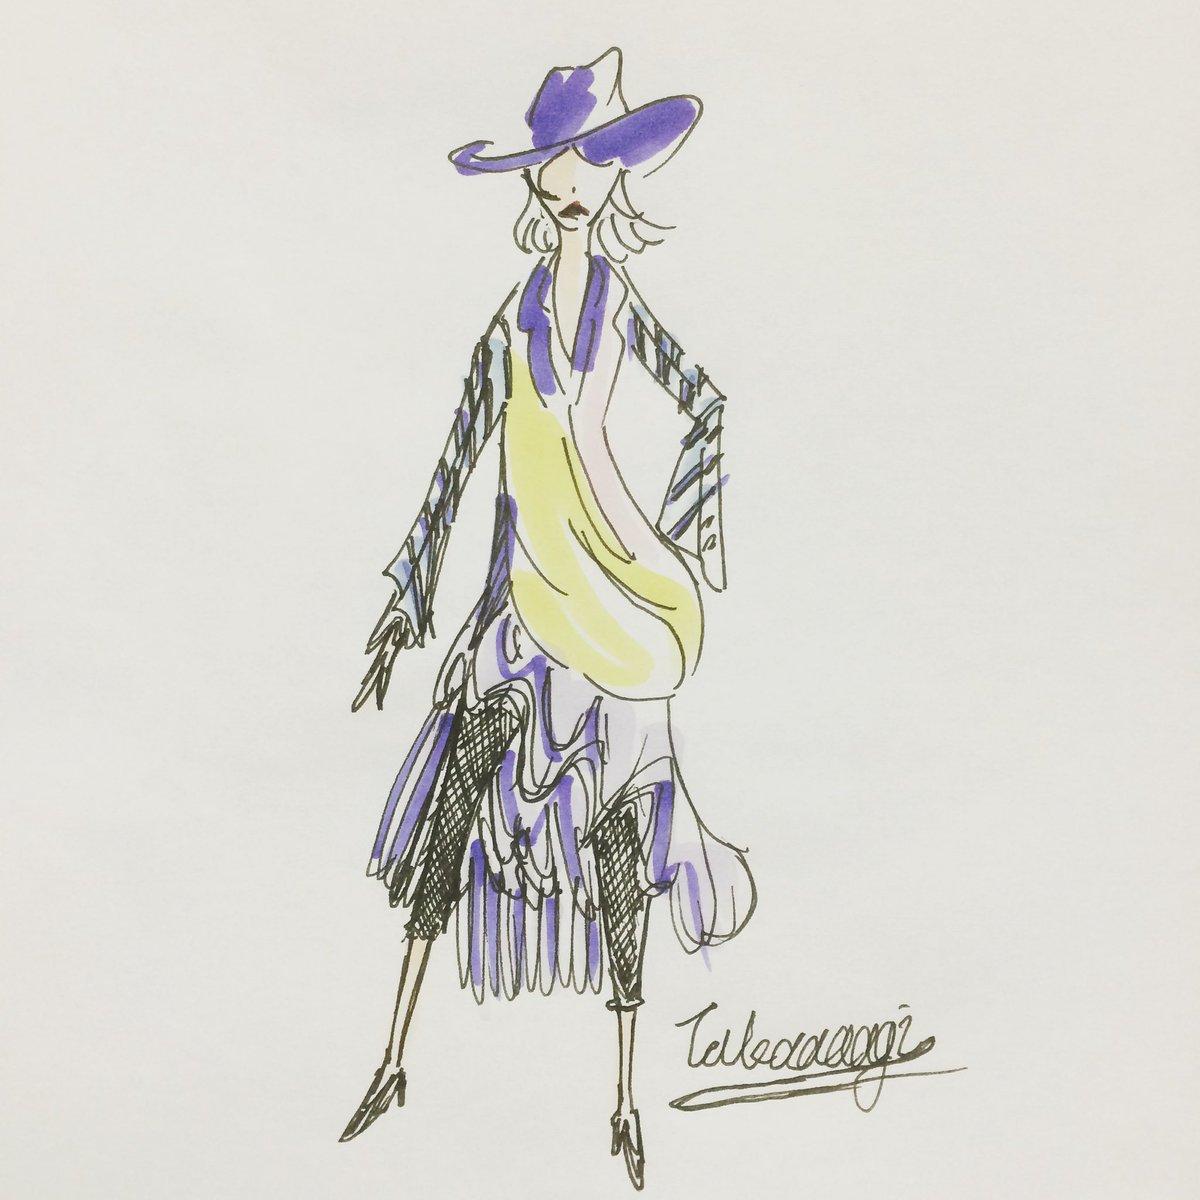 少しずつ作品をご紹介。  多分ファッションのデザイン画とかをみた日に描いた。 気持ちだけデザイナー。 本職の方には笑われてしまうけど。  #イラスト #絵 #手描き #コピック #絵描きさんと繋がりたい #fashion #pen #copic #design #illustration #illustrator  #painting #drawing #art #takaaaagipic.twitter.com/FgEzXaIdht